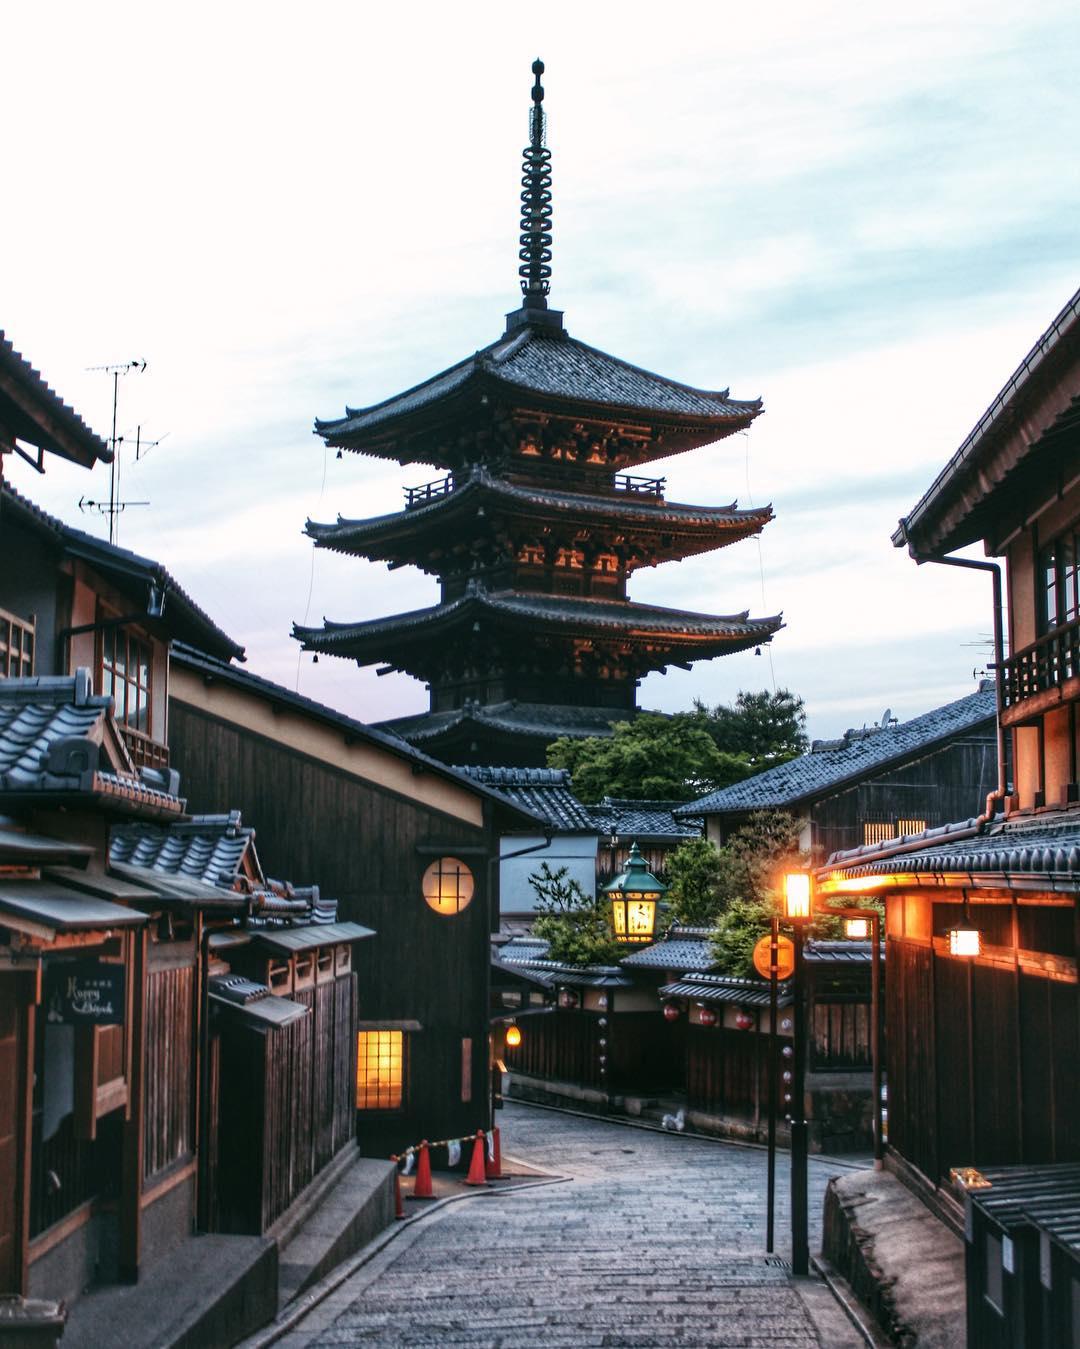 Kyoto Temple Japan Daylight Sky Lights